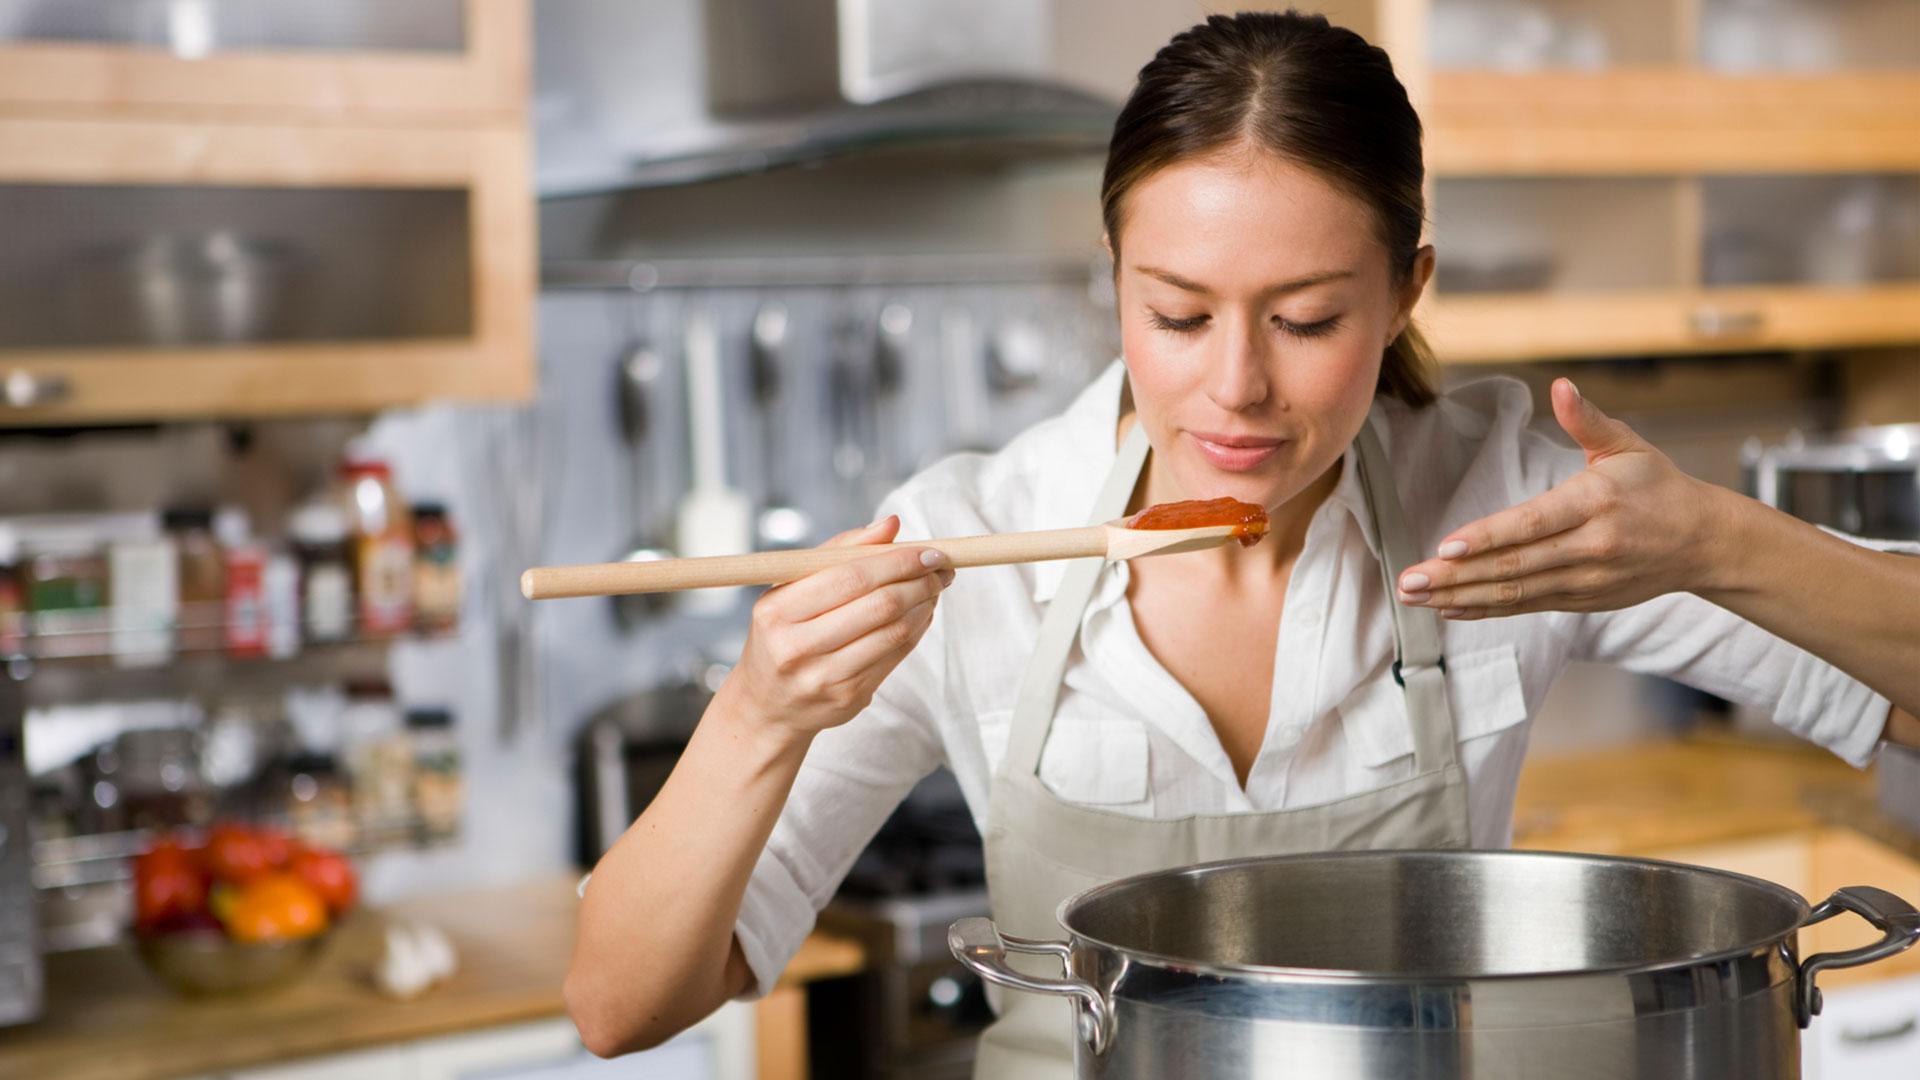 Woman cooking pasta sauce